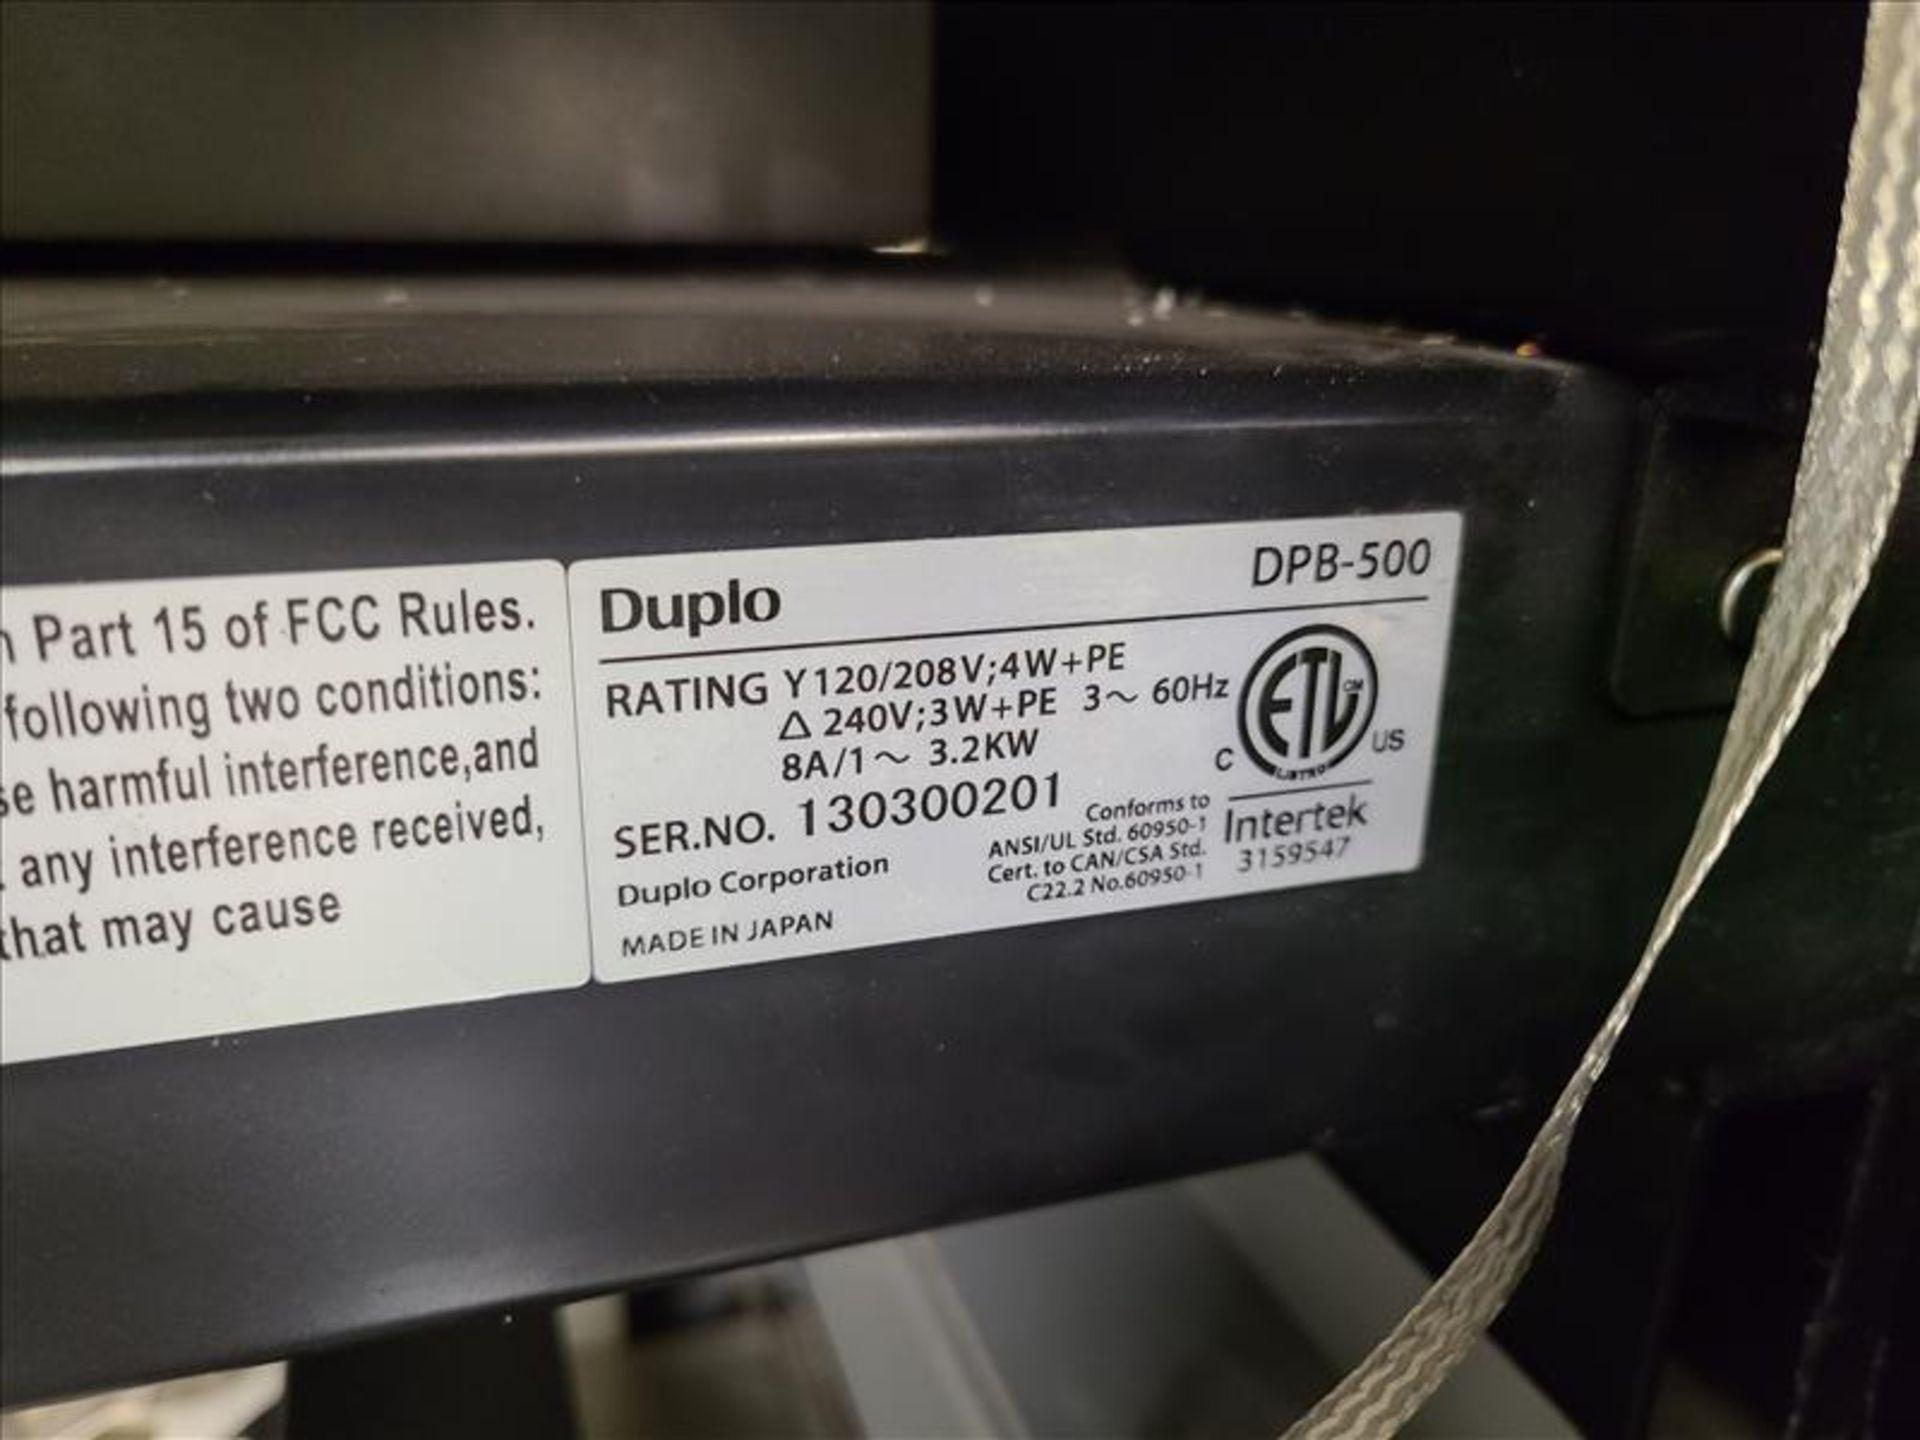 Duplo Perfect Binder, model DPB-500, S/N. 130300201 (2013) 240V, 60Hz - Image 6 of 6